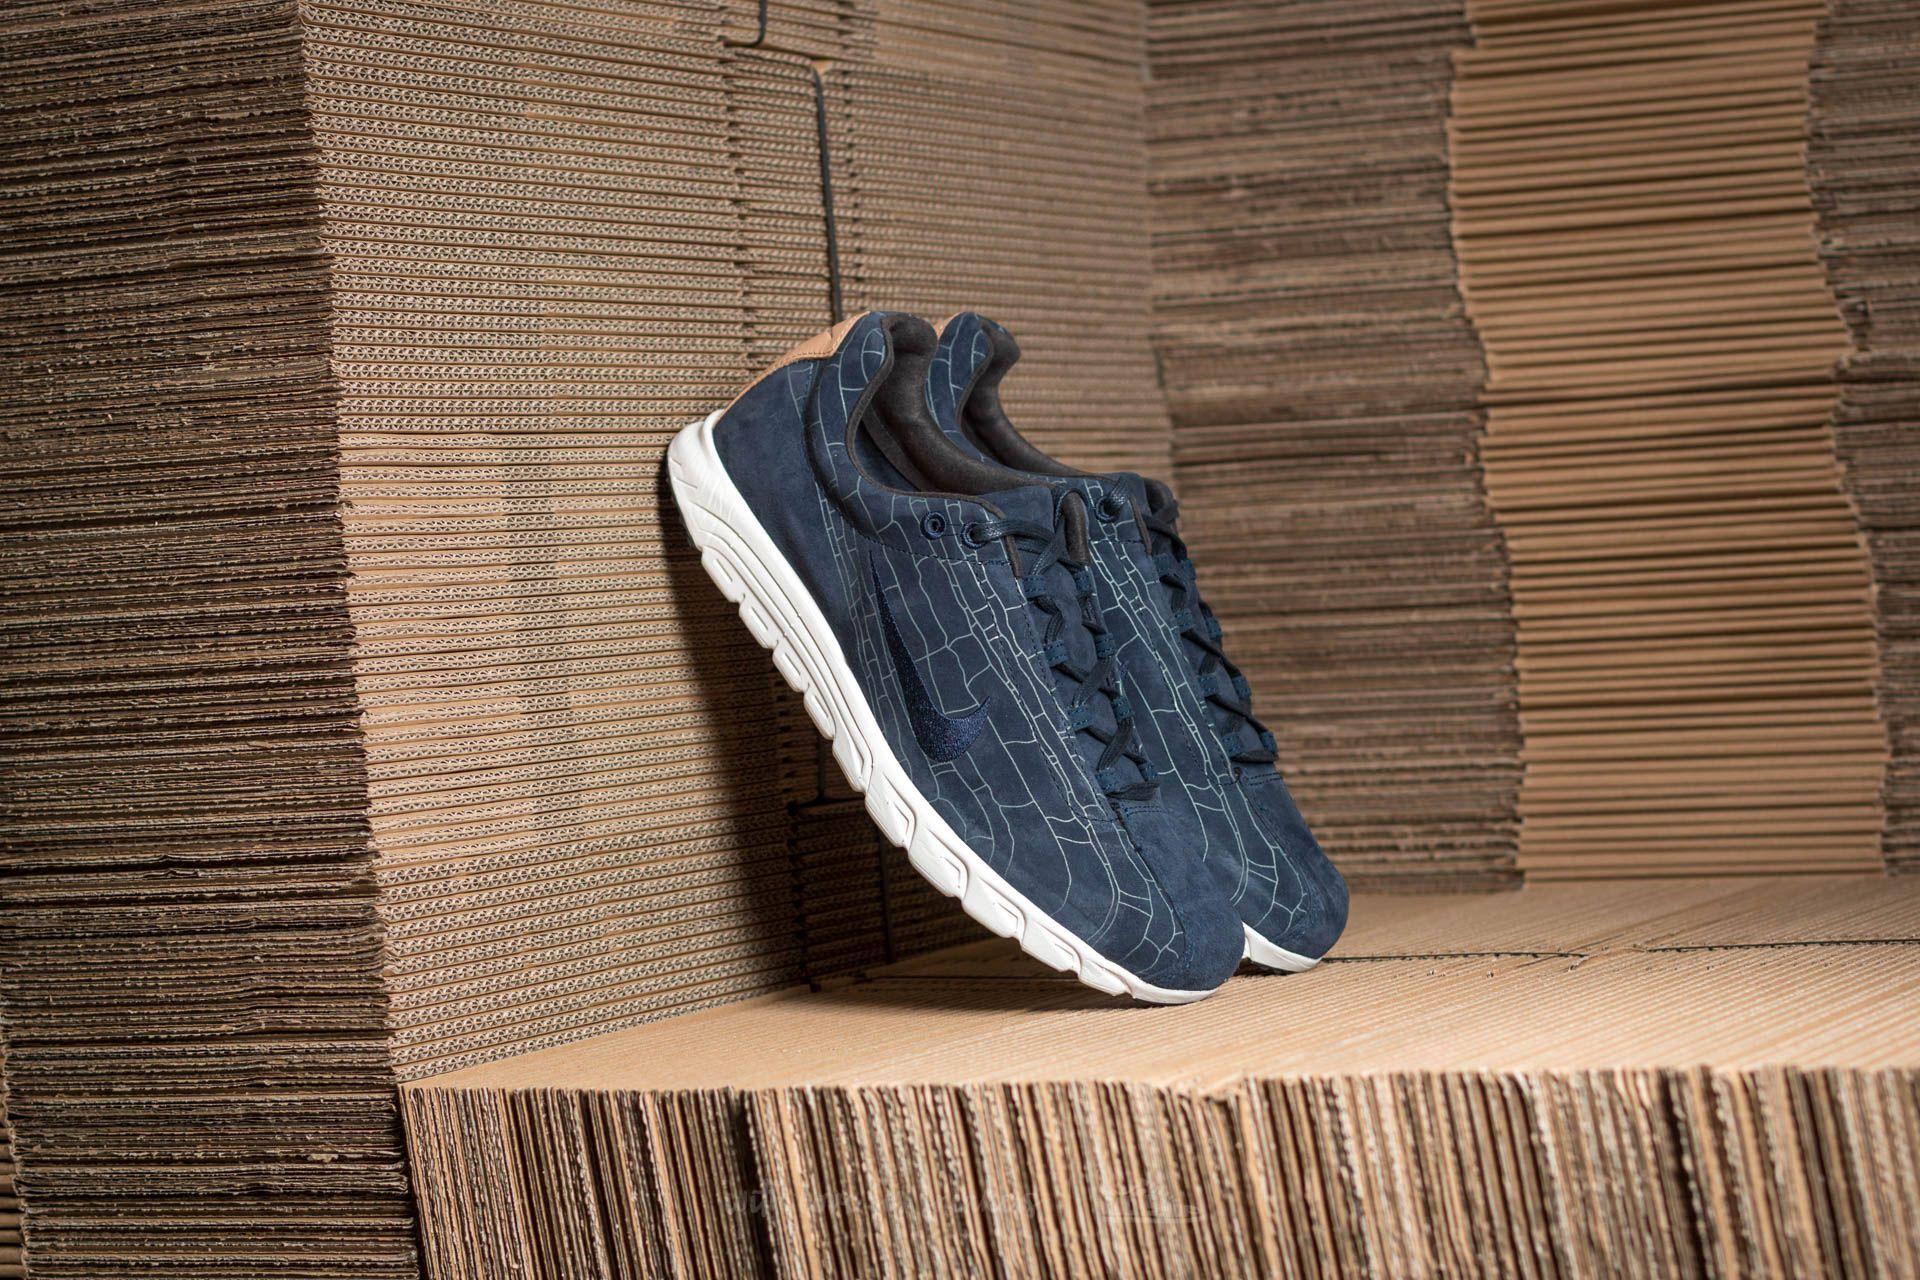 Nike Mayfly Leather Premium Obsidian/ Obsidian-Summit White